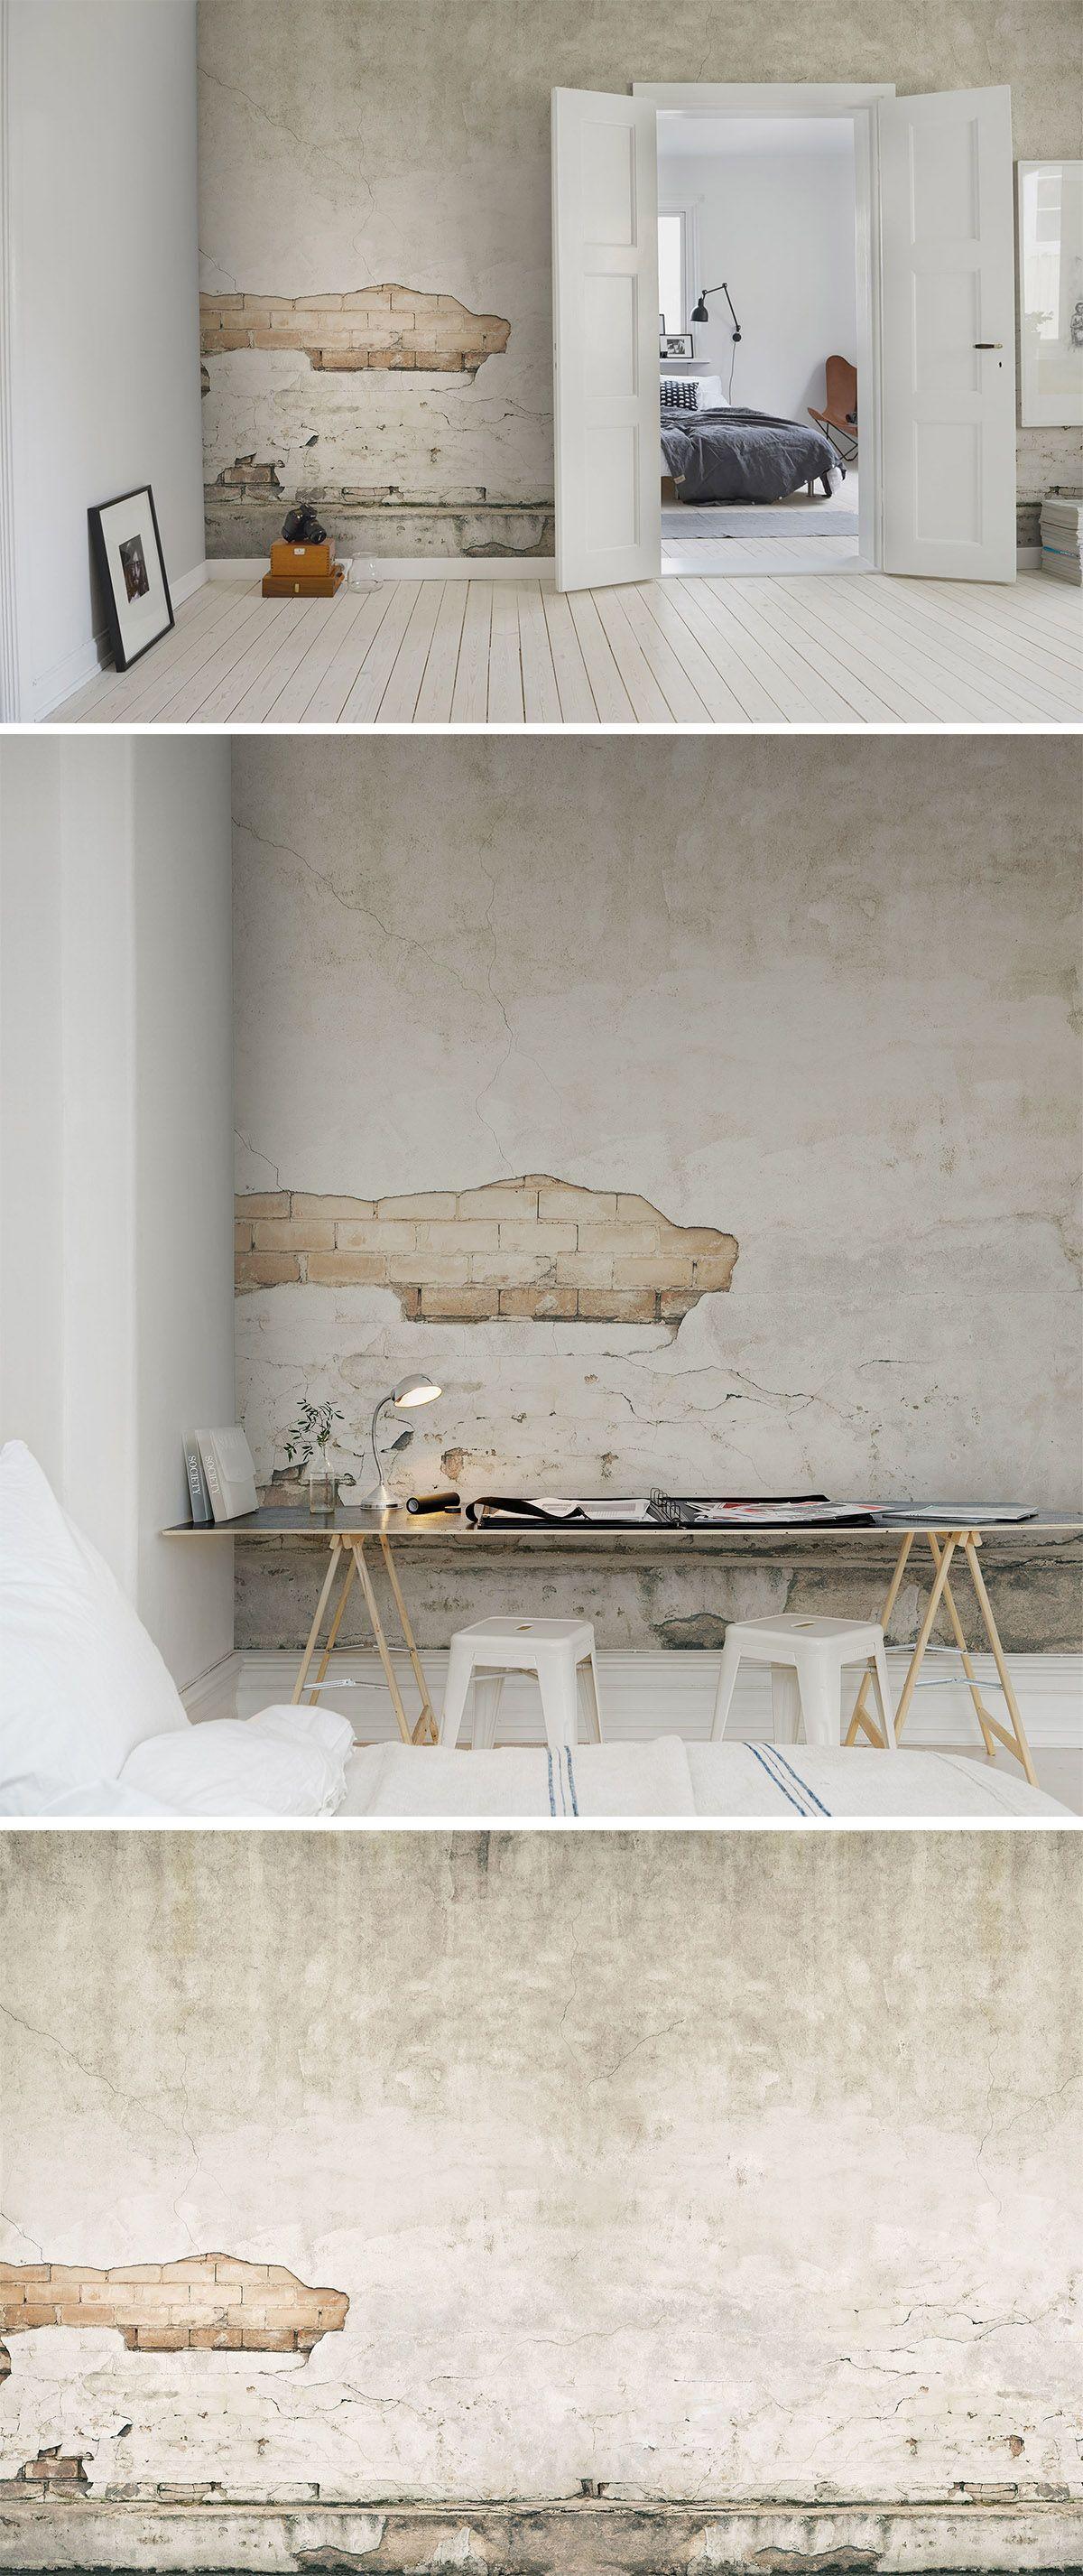 Tapete | Fototapete | Moderne Tapete | Mural Tapete | Wandgestaltung |  Tapete Schlafzimmer | Tapete